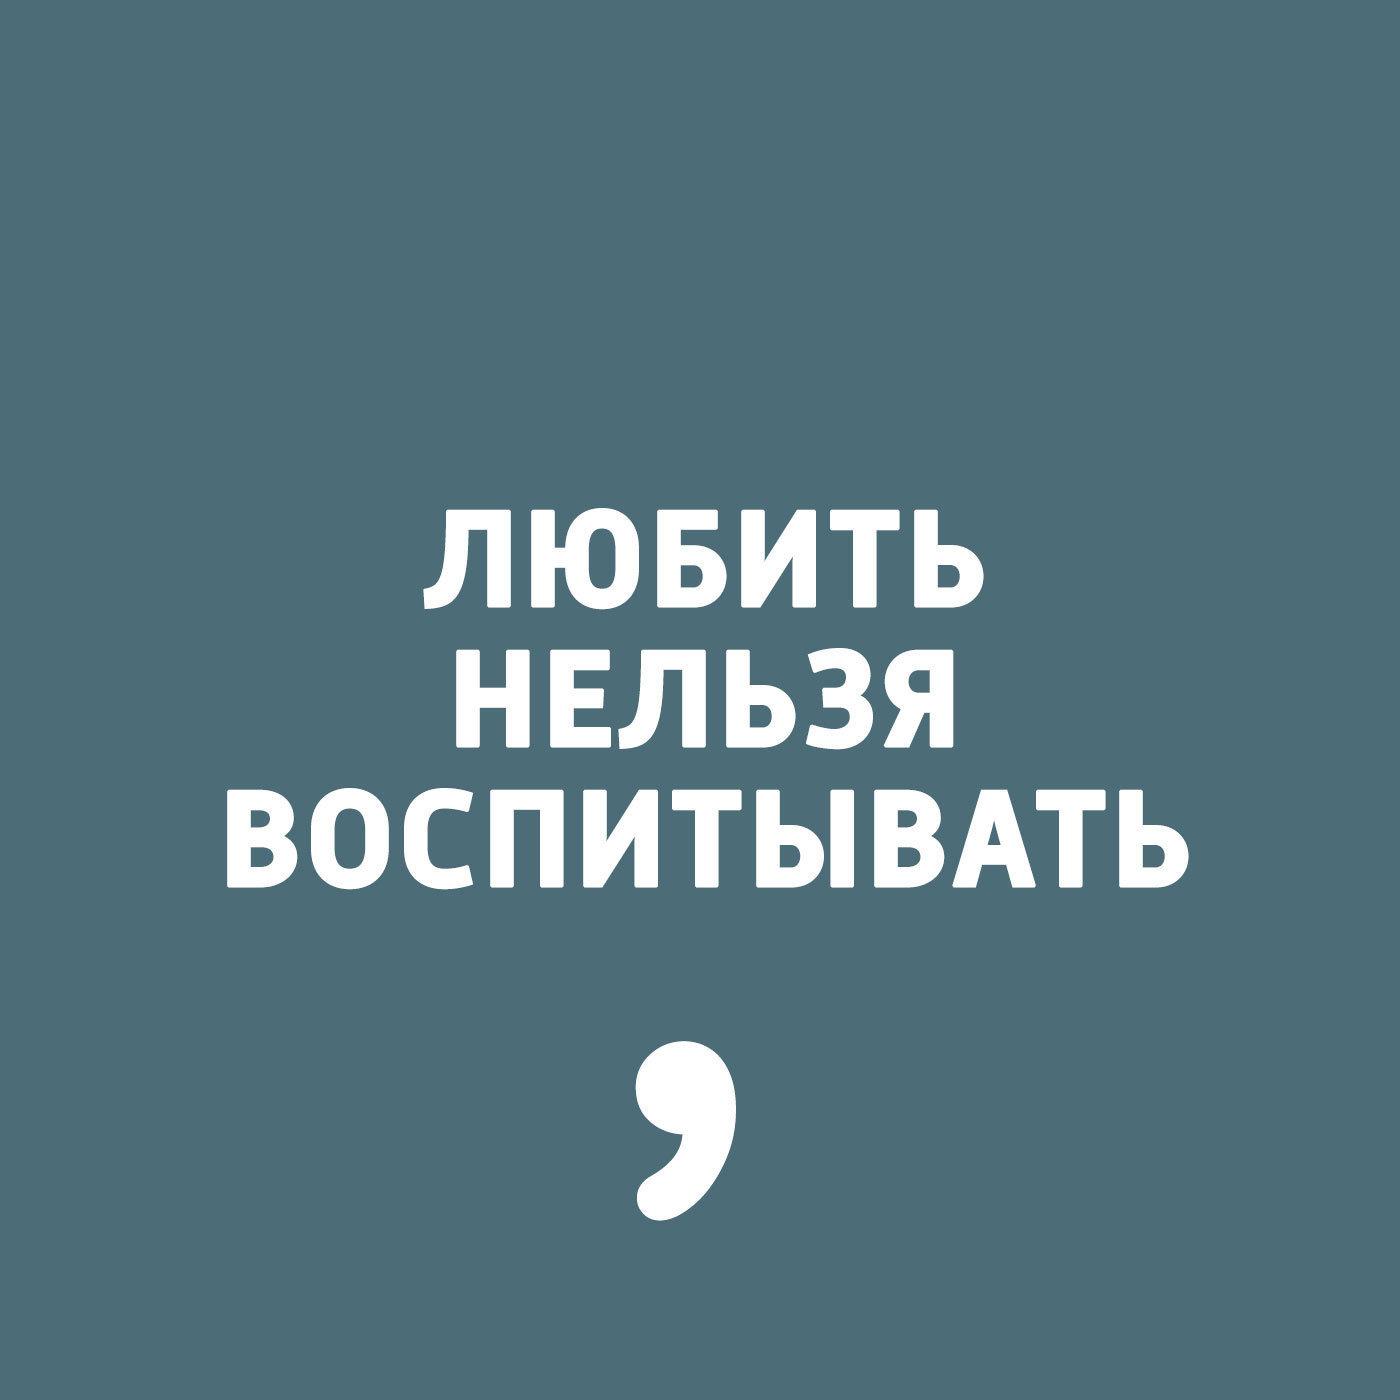 Дима Зицер Выпуск 35 дима зицер любить нельзя воспитывать